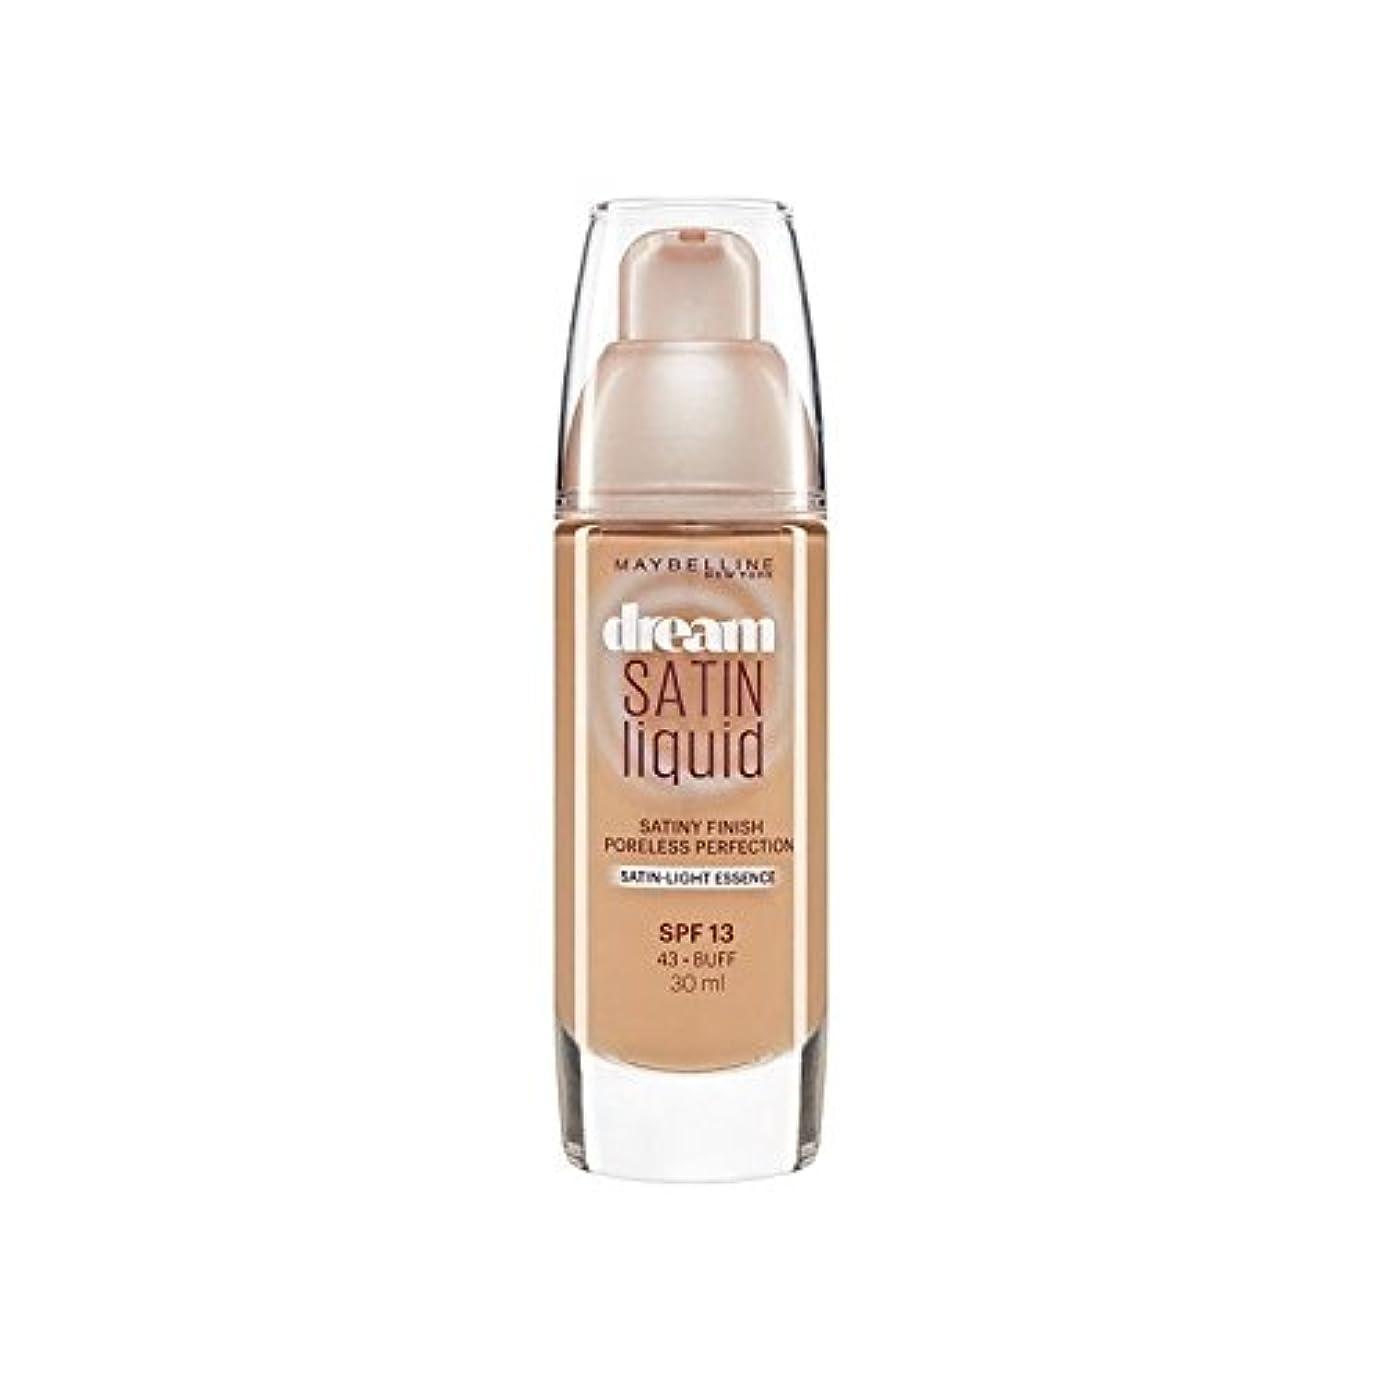 選出する震える正規化Maybelline Dream Satin Liquid Foundation 43 Buff 30ml (Pack of 6) - メイベリン夢サテンリキッドファンデーション43バフ30ミリリットル x6 [並行輸入品]